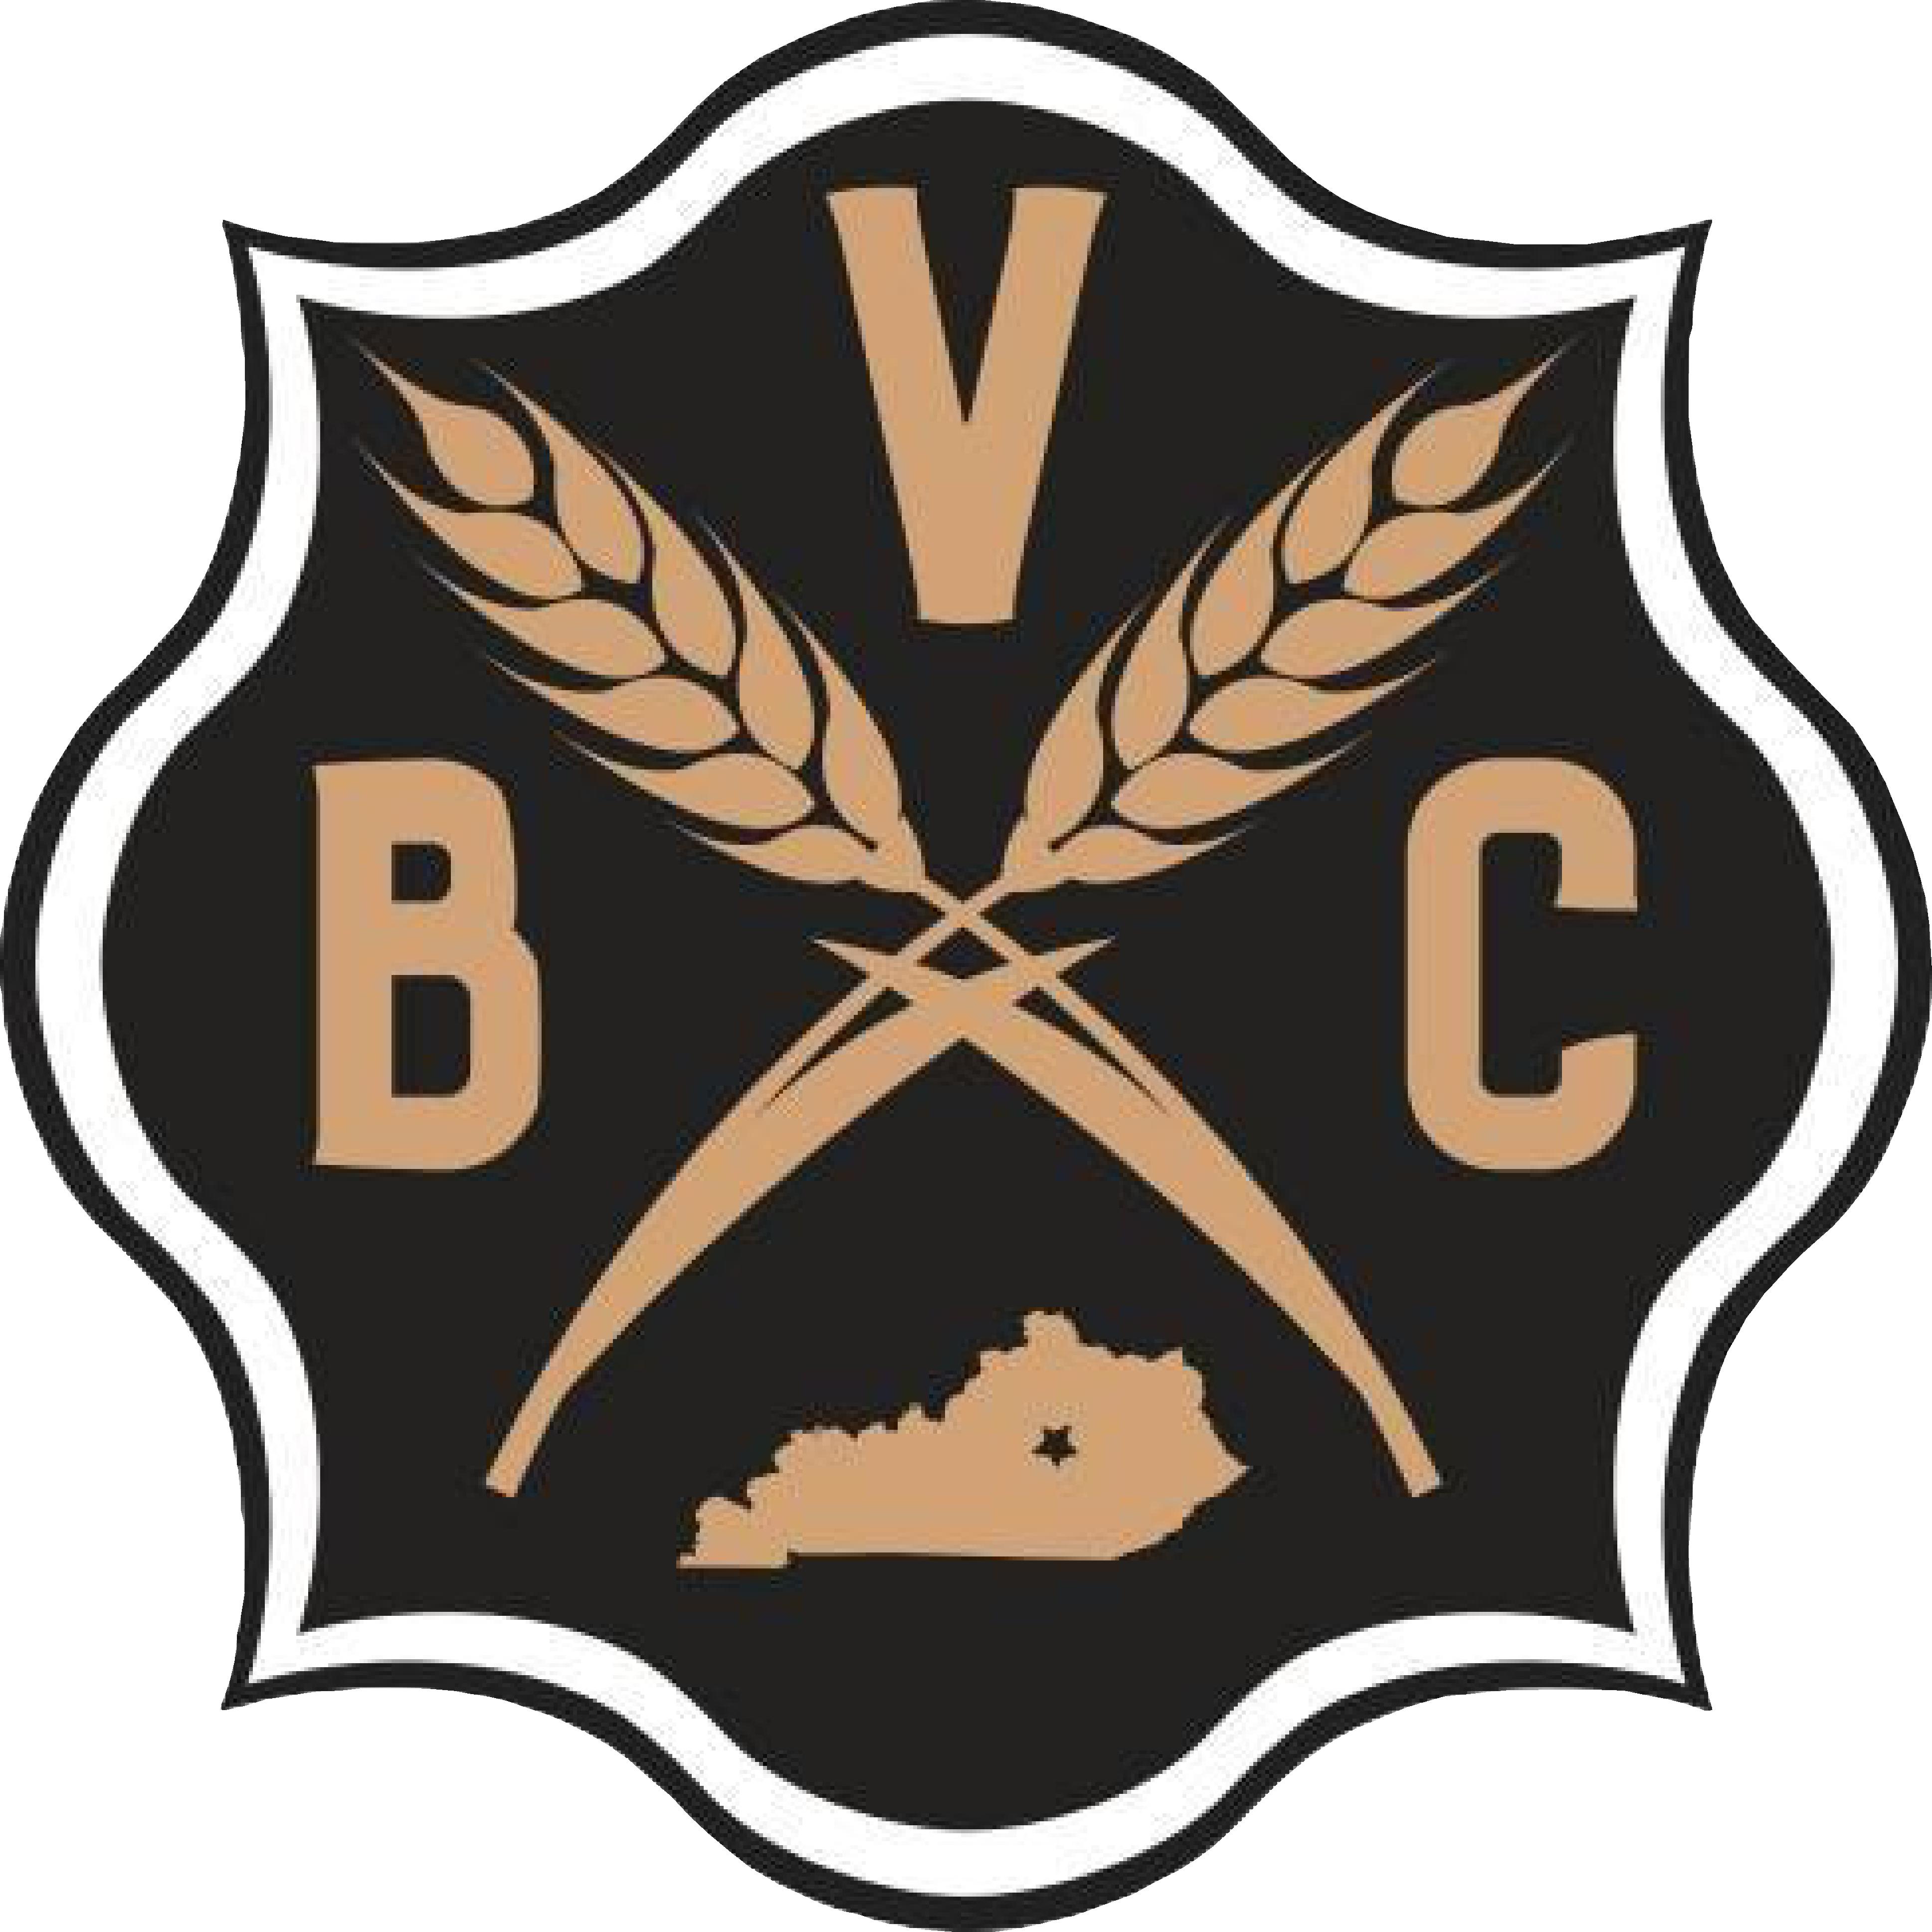 Versailles Brewing Company